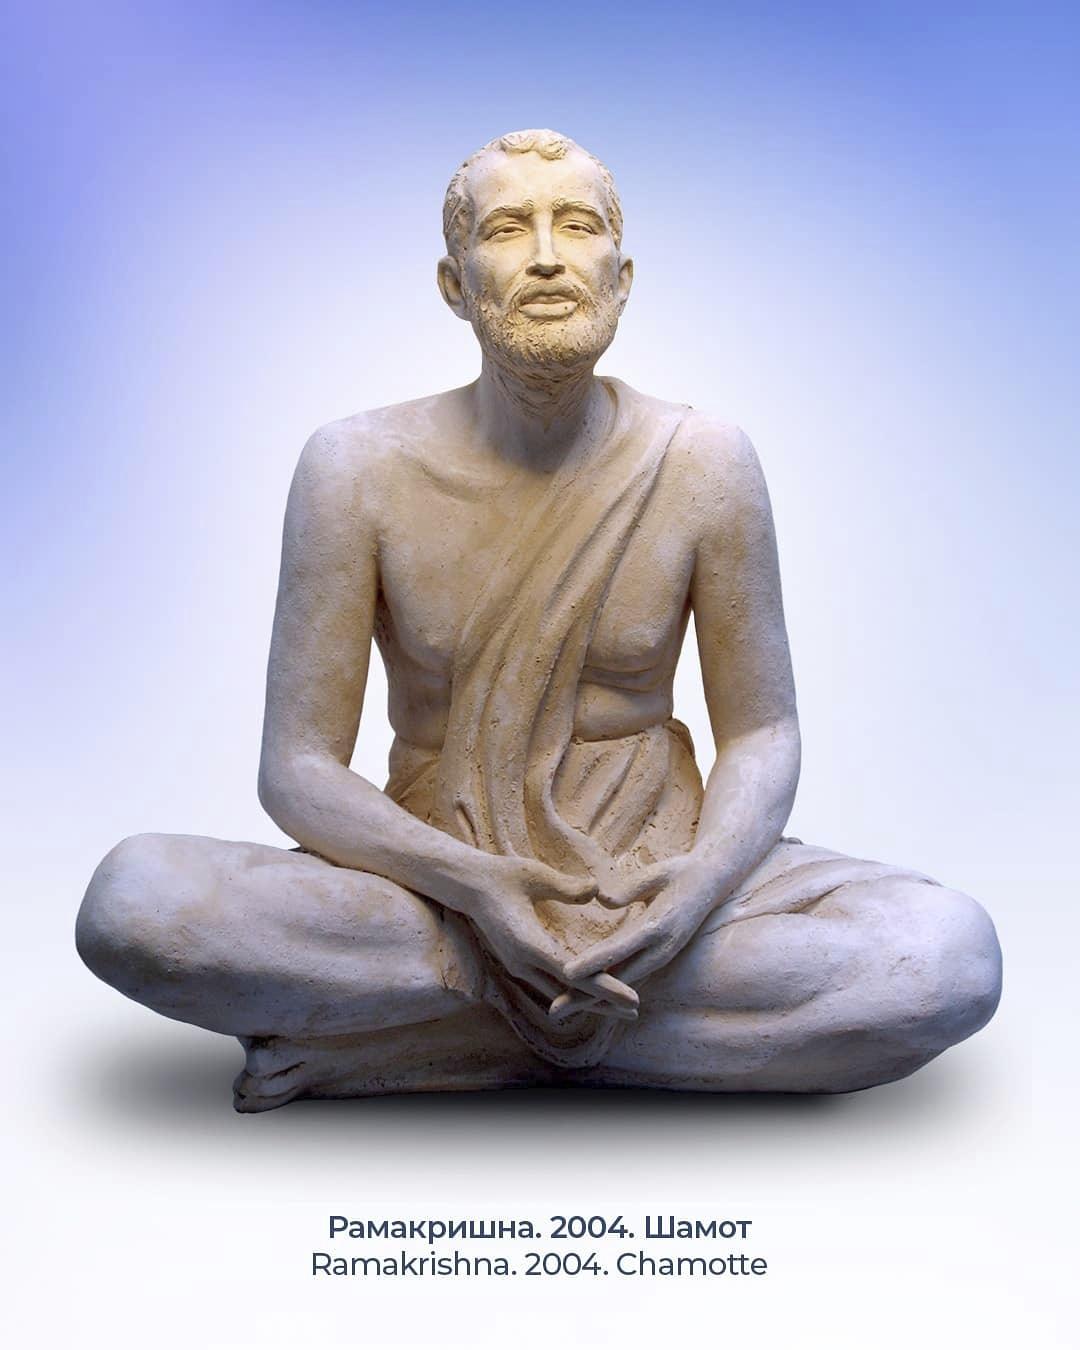 Ramakrishna. 2004. - img 20200218 113311 193